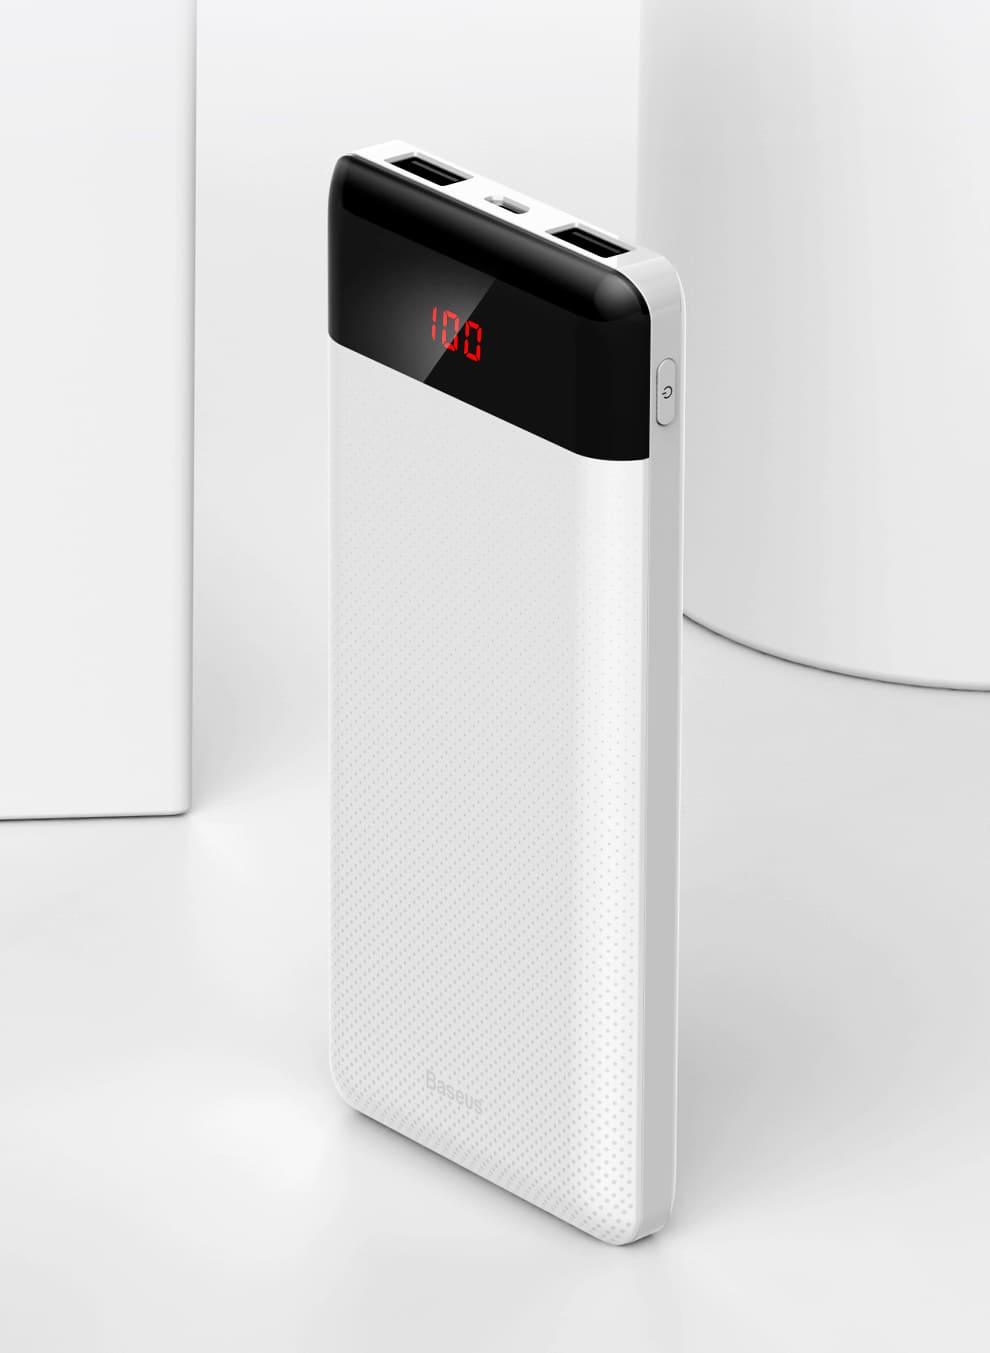 Тонкий внешний аккумулятор 10000 mAh заказать в екб недорого